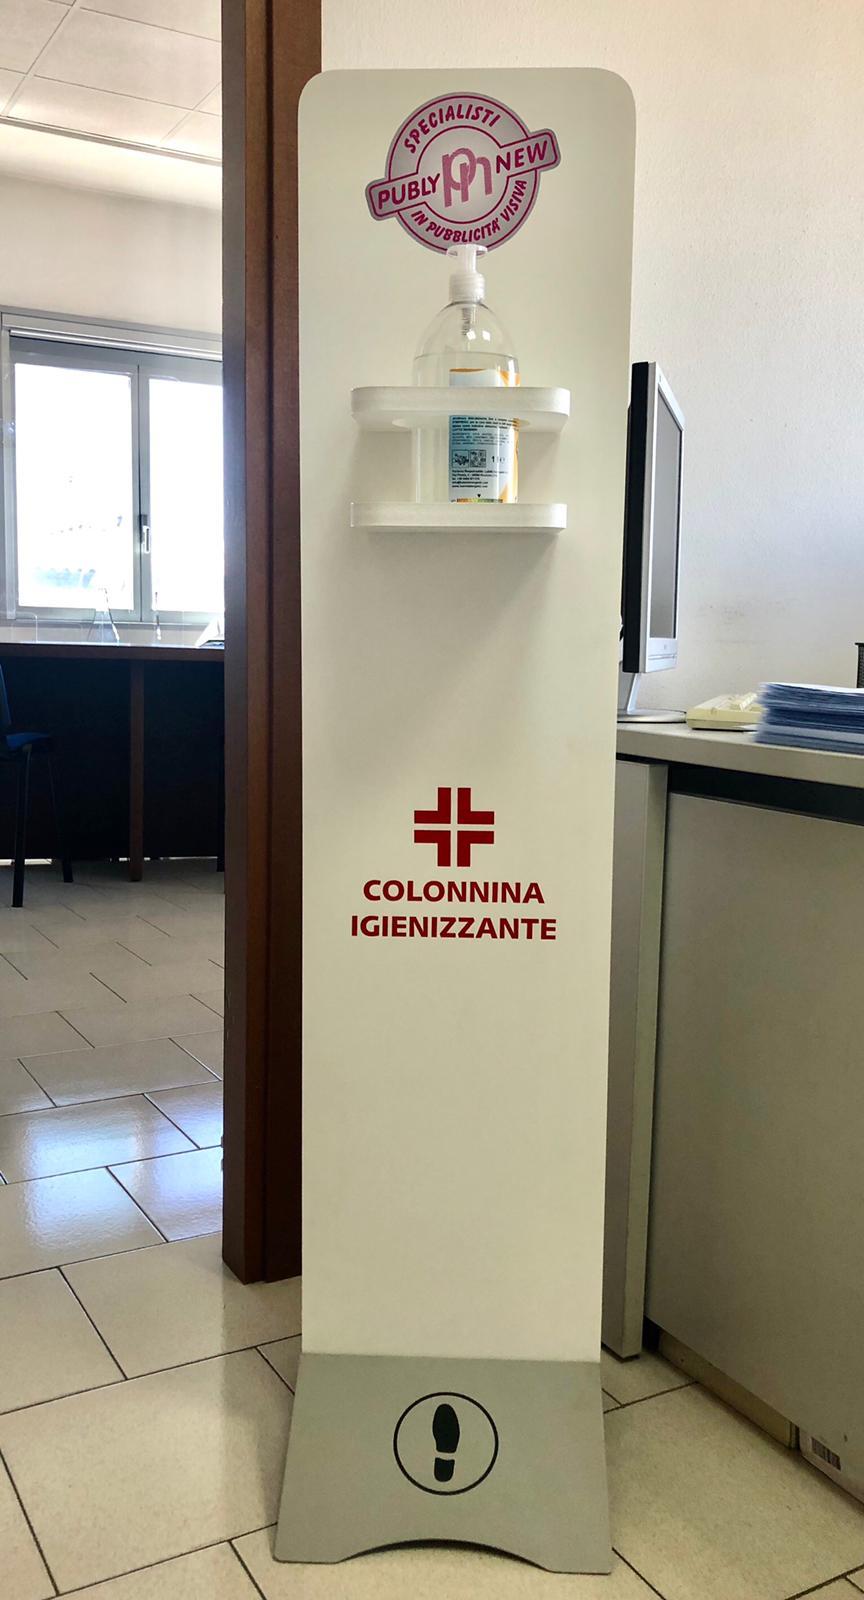 Colonnina con Igienizzante